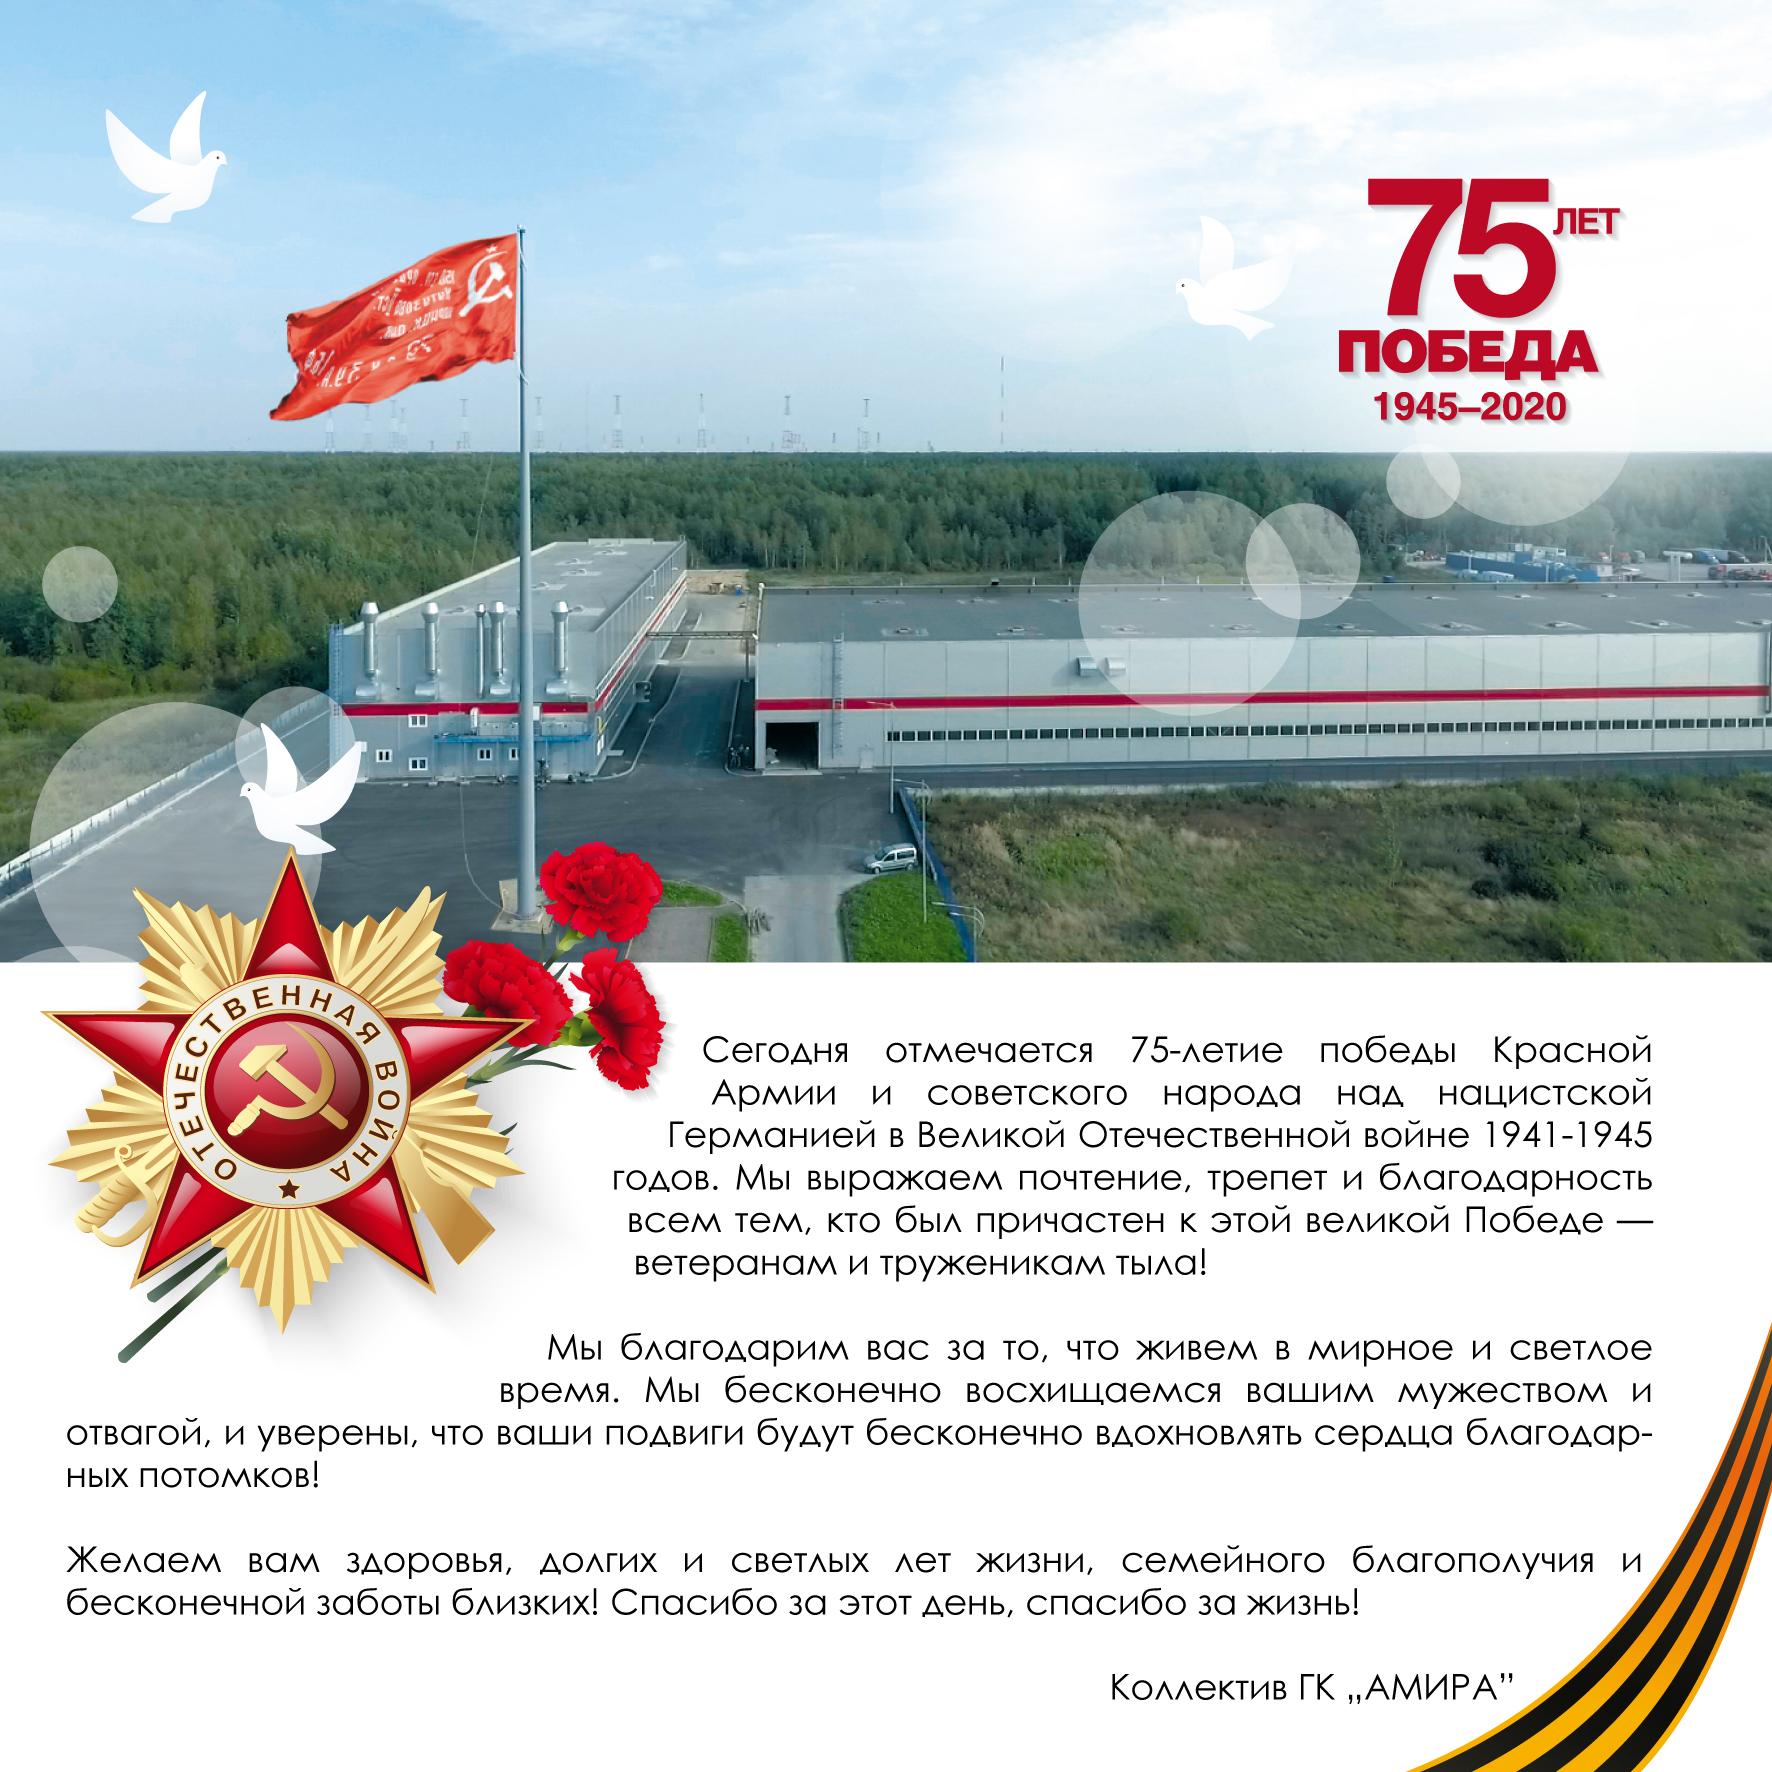 открытка с днем победы